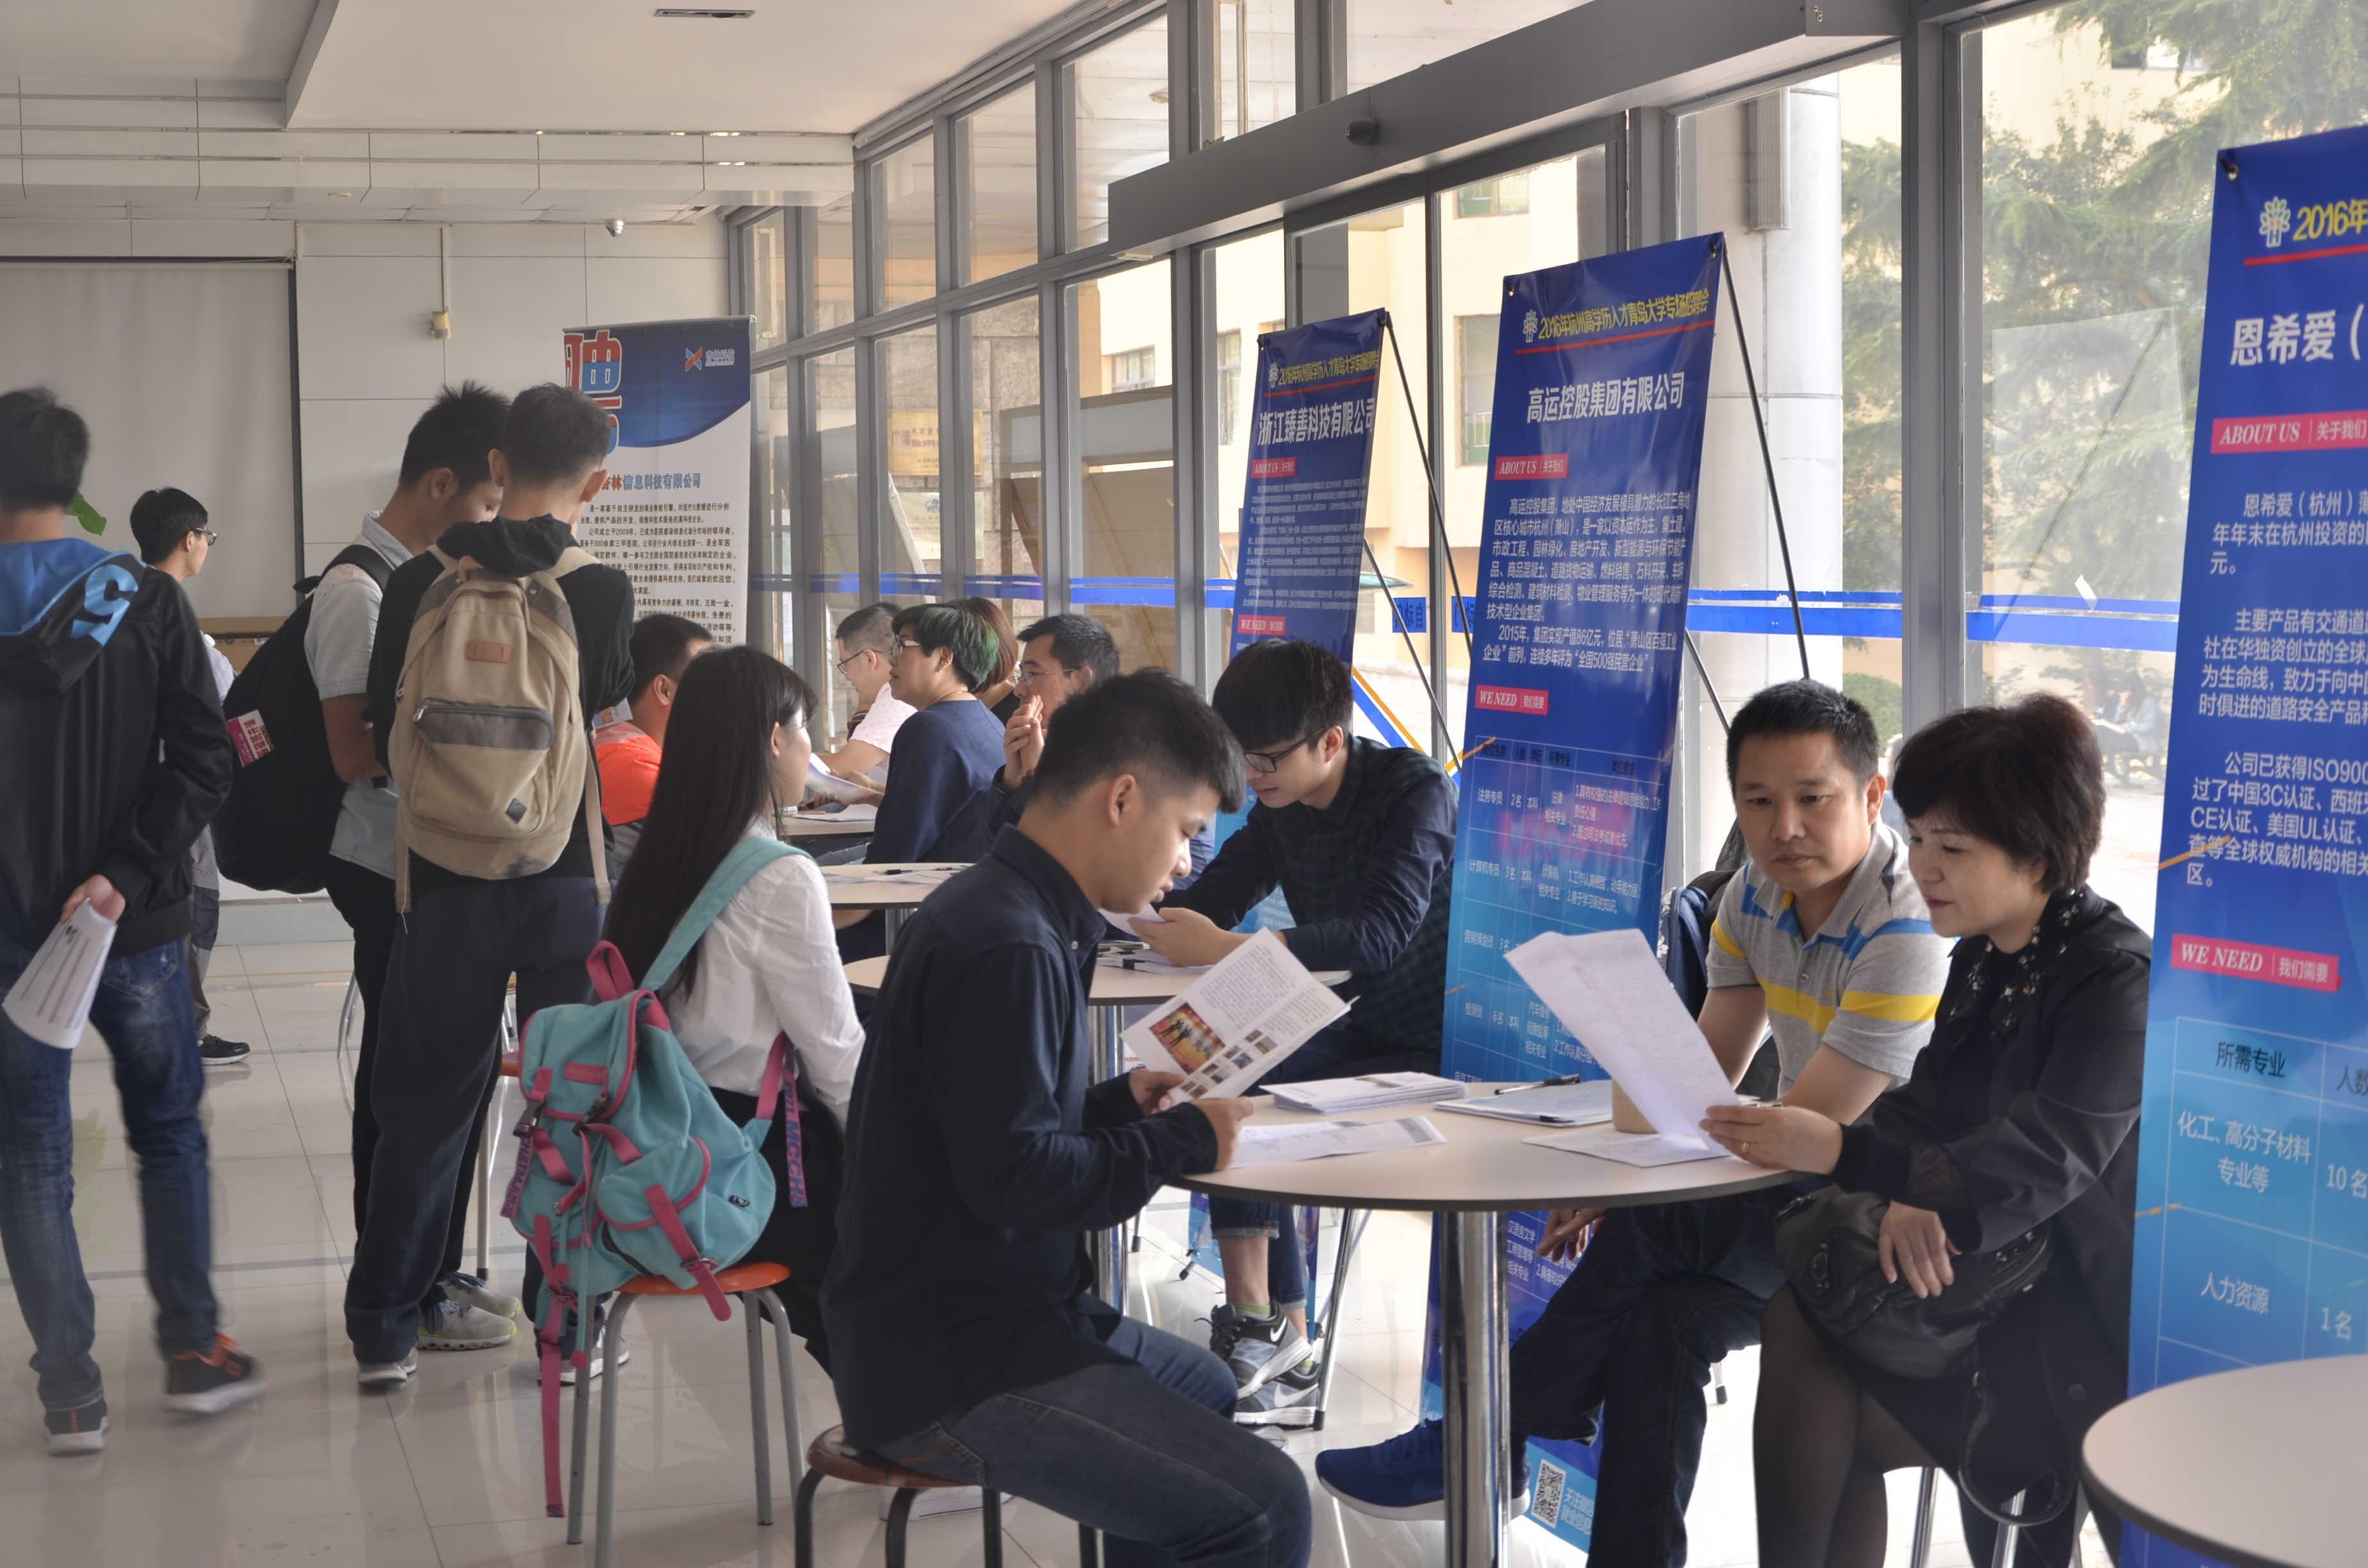 青岛大学专场招聘会上毕业生在进行咨询